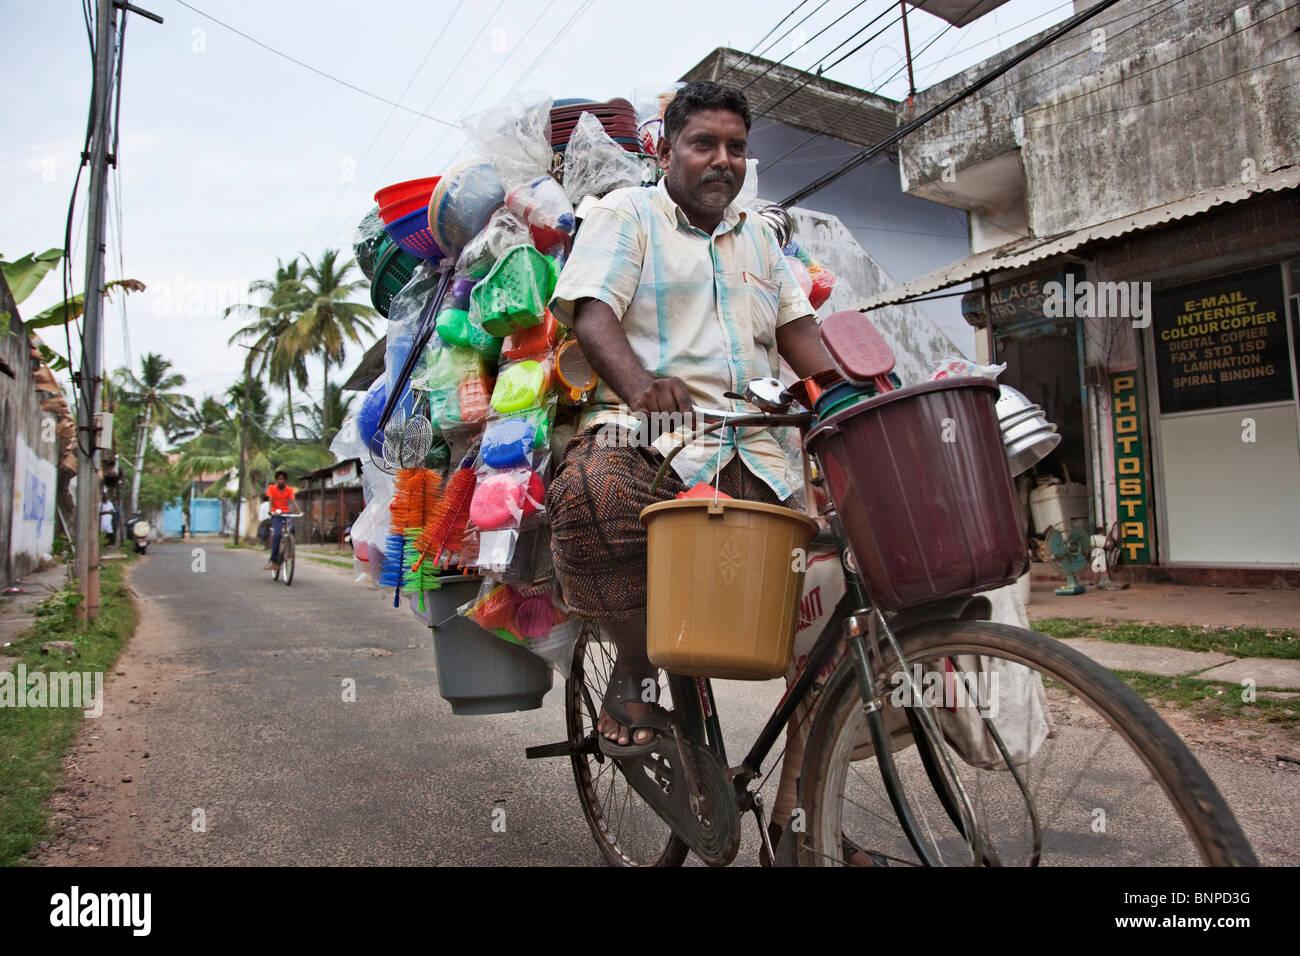 Uomo di mezza età in bicicletta la vendita di vari tipi di plastica degli articoli per la casa in bicicletta Immagini Stock